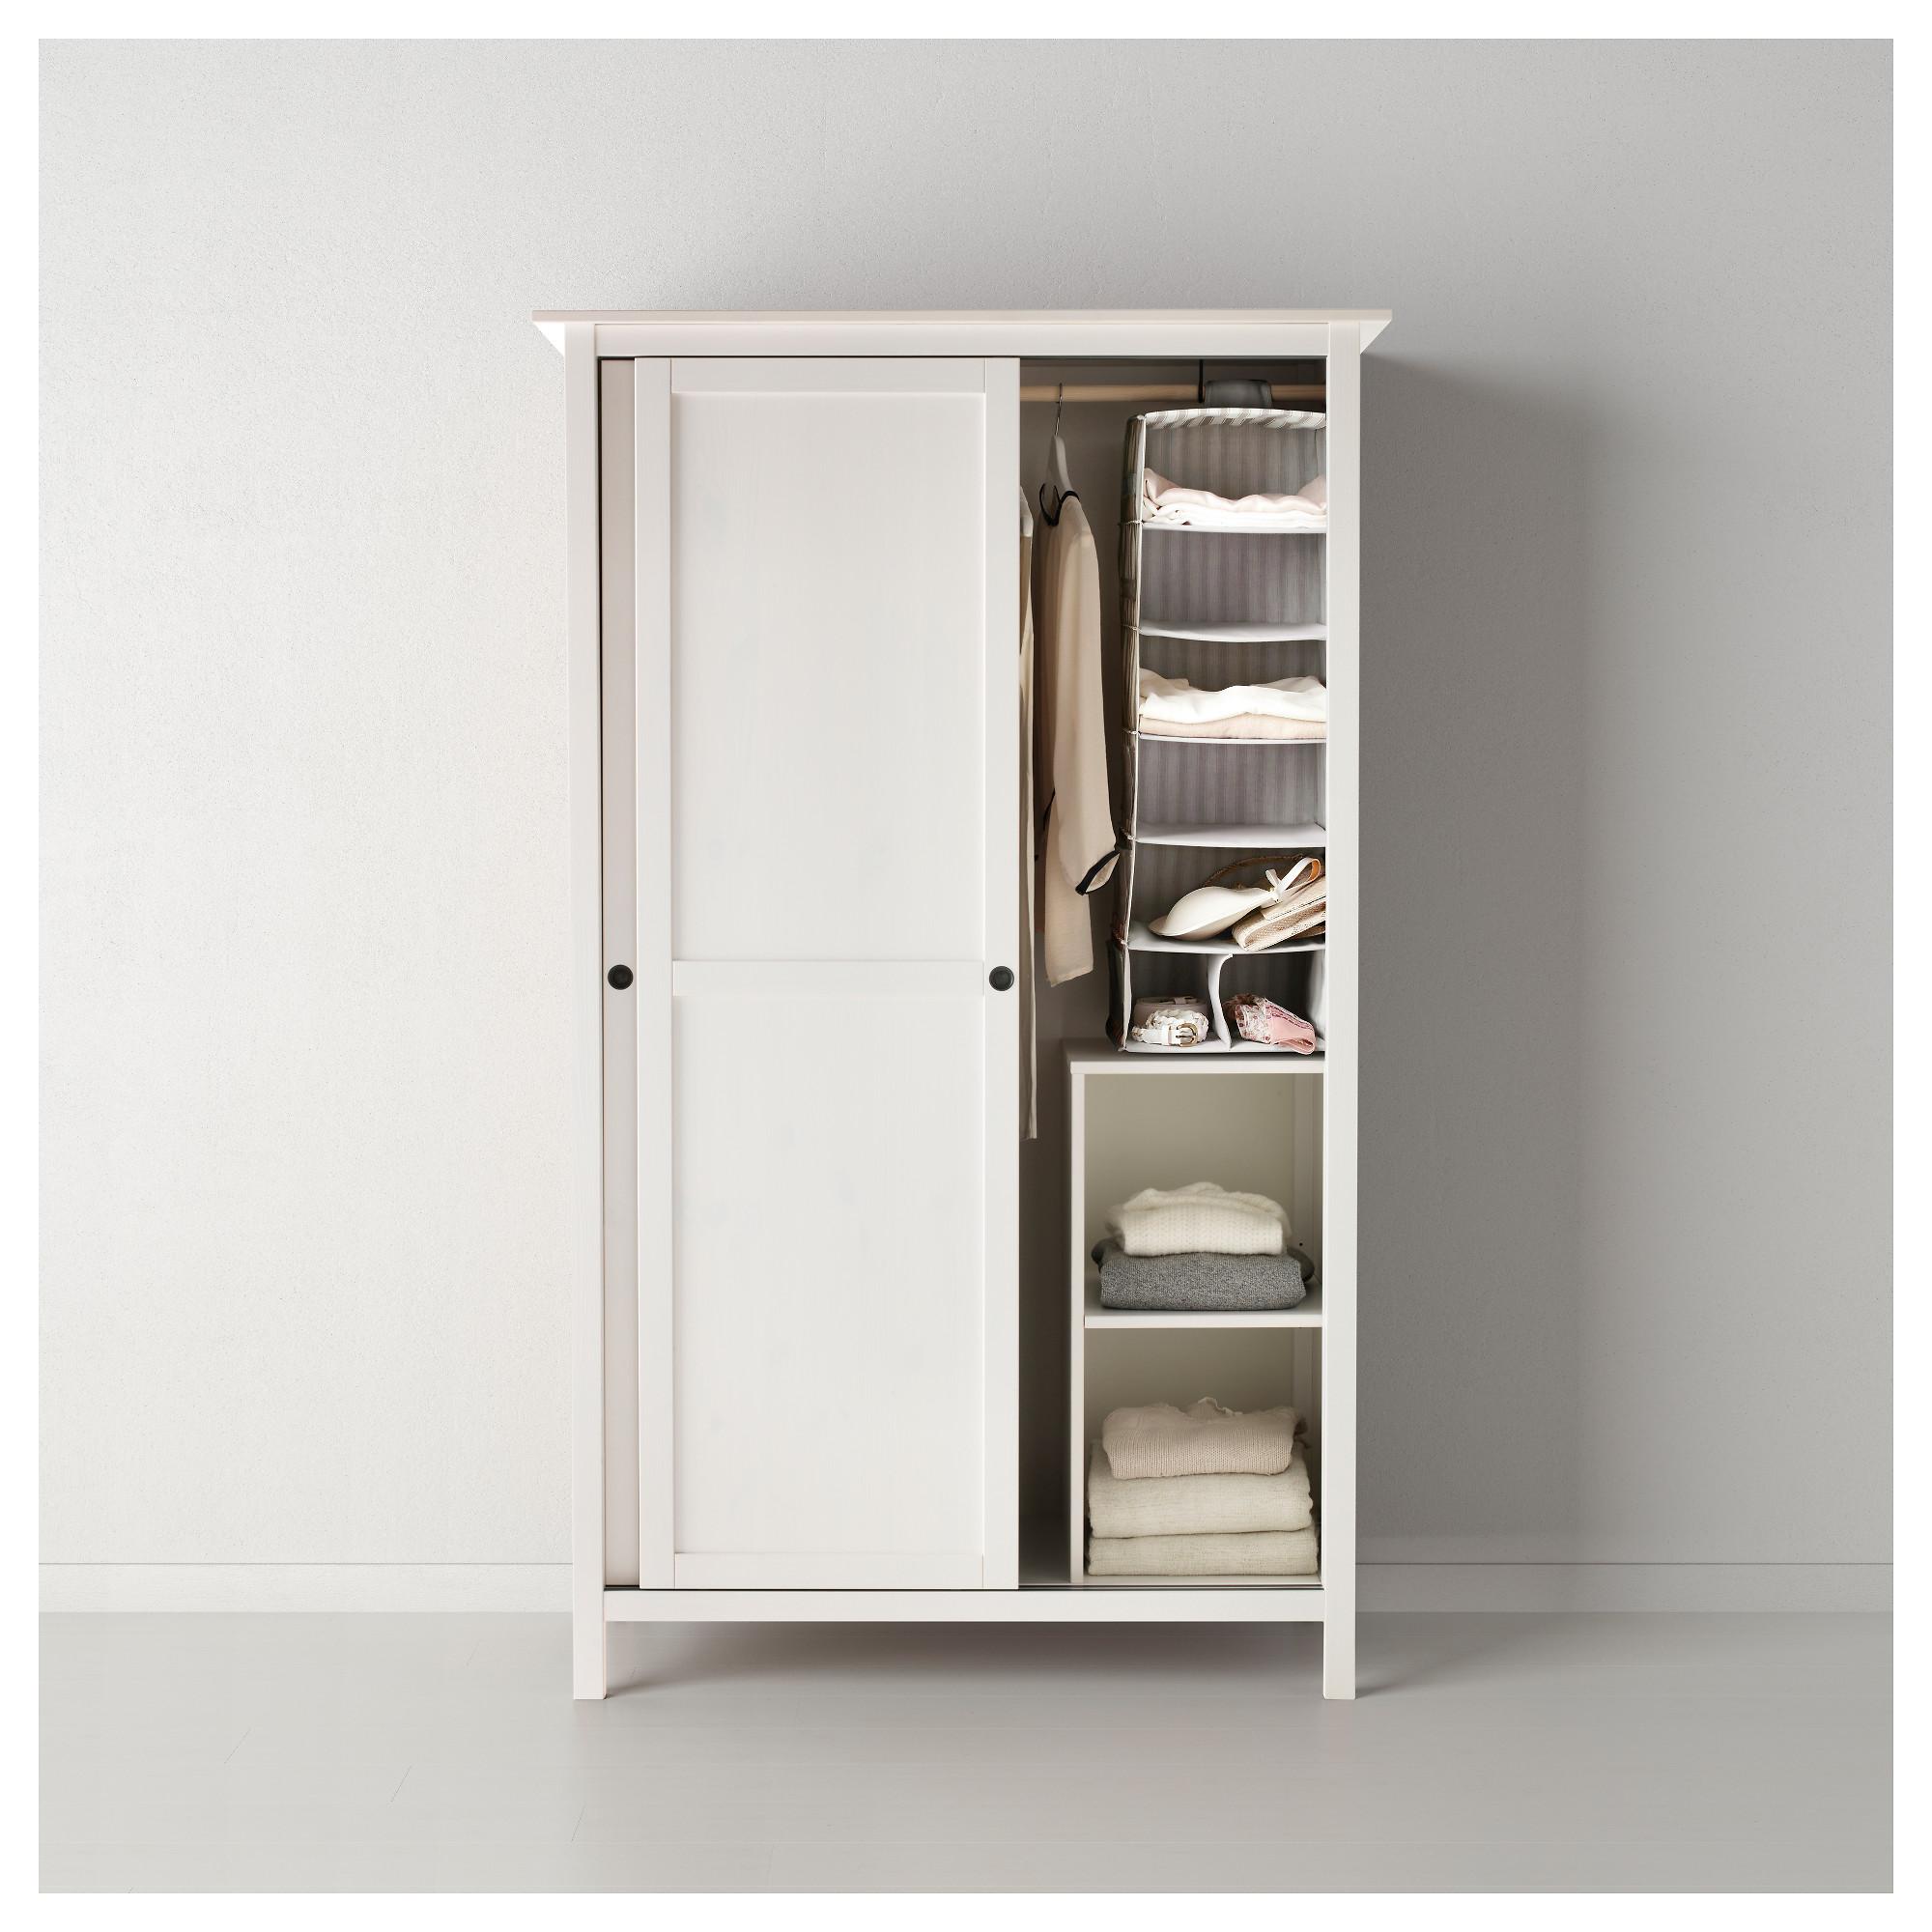 IKEA HEMNES wardrobe with 2 sliding doors | bedroom | Pinterest